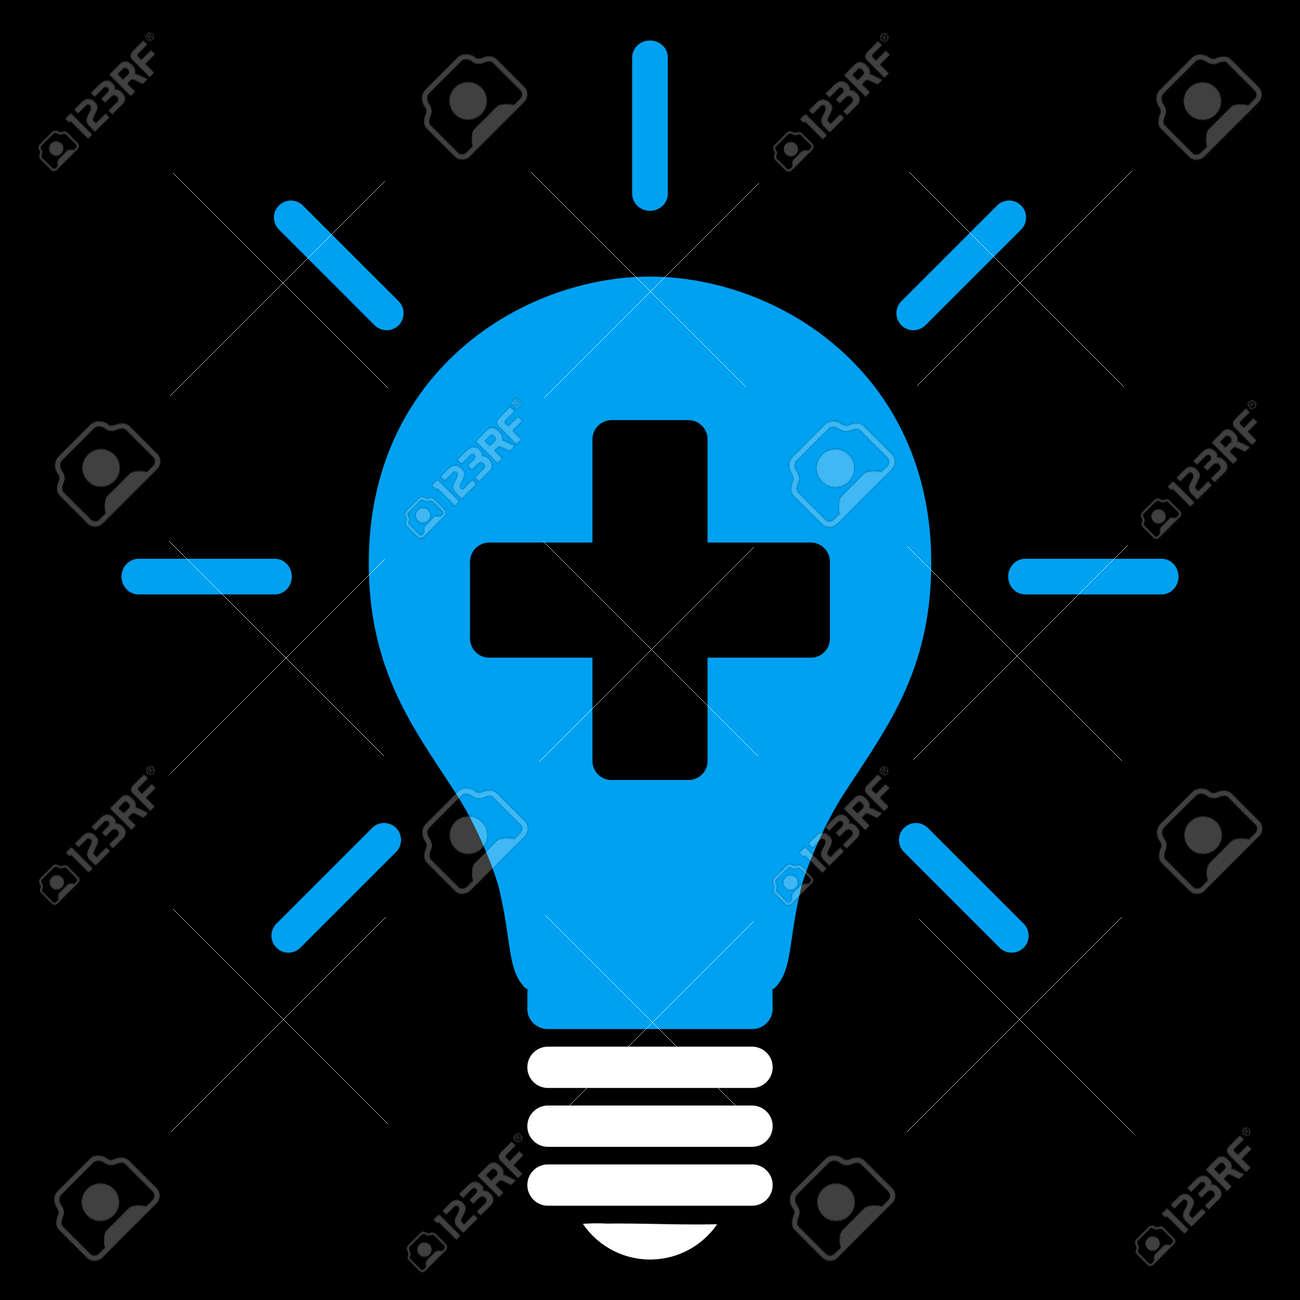 Immagini Stock Medical Lampada Elettrica Icona Raster Lo Stile è